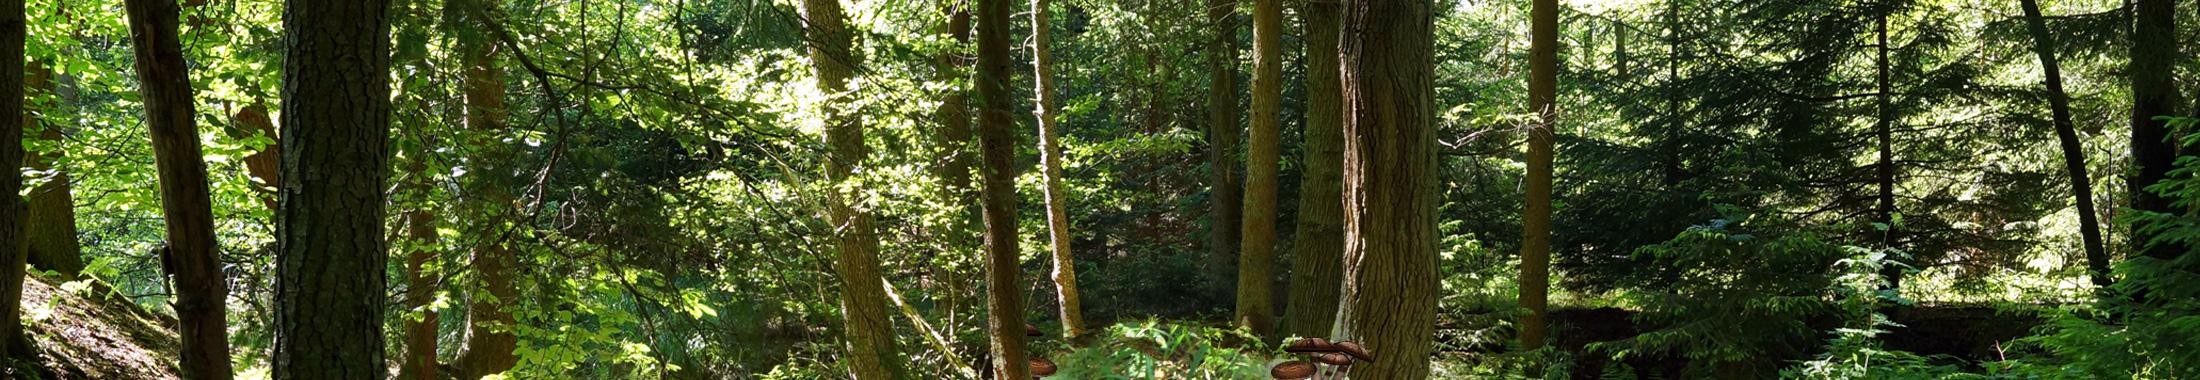 Artenvielfalt im Wald